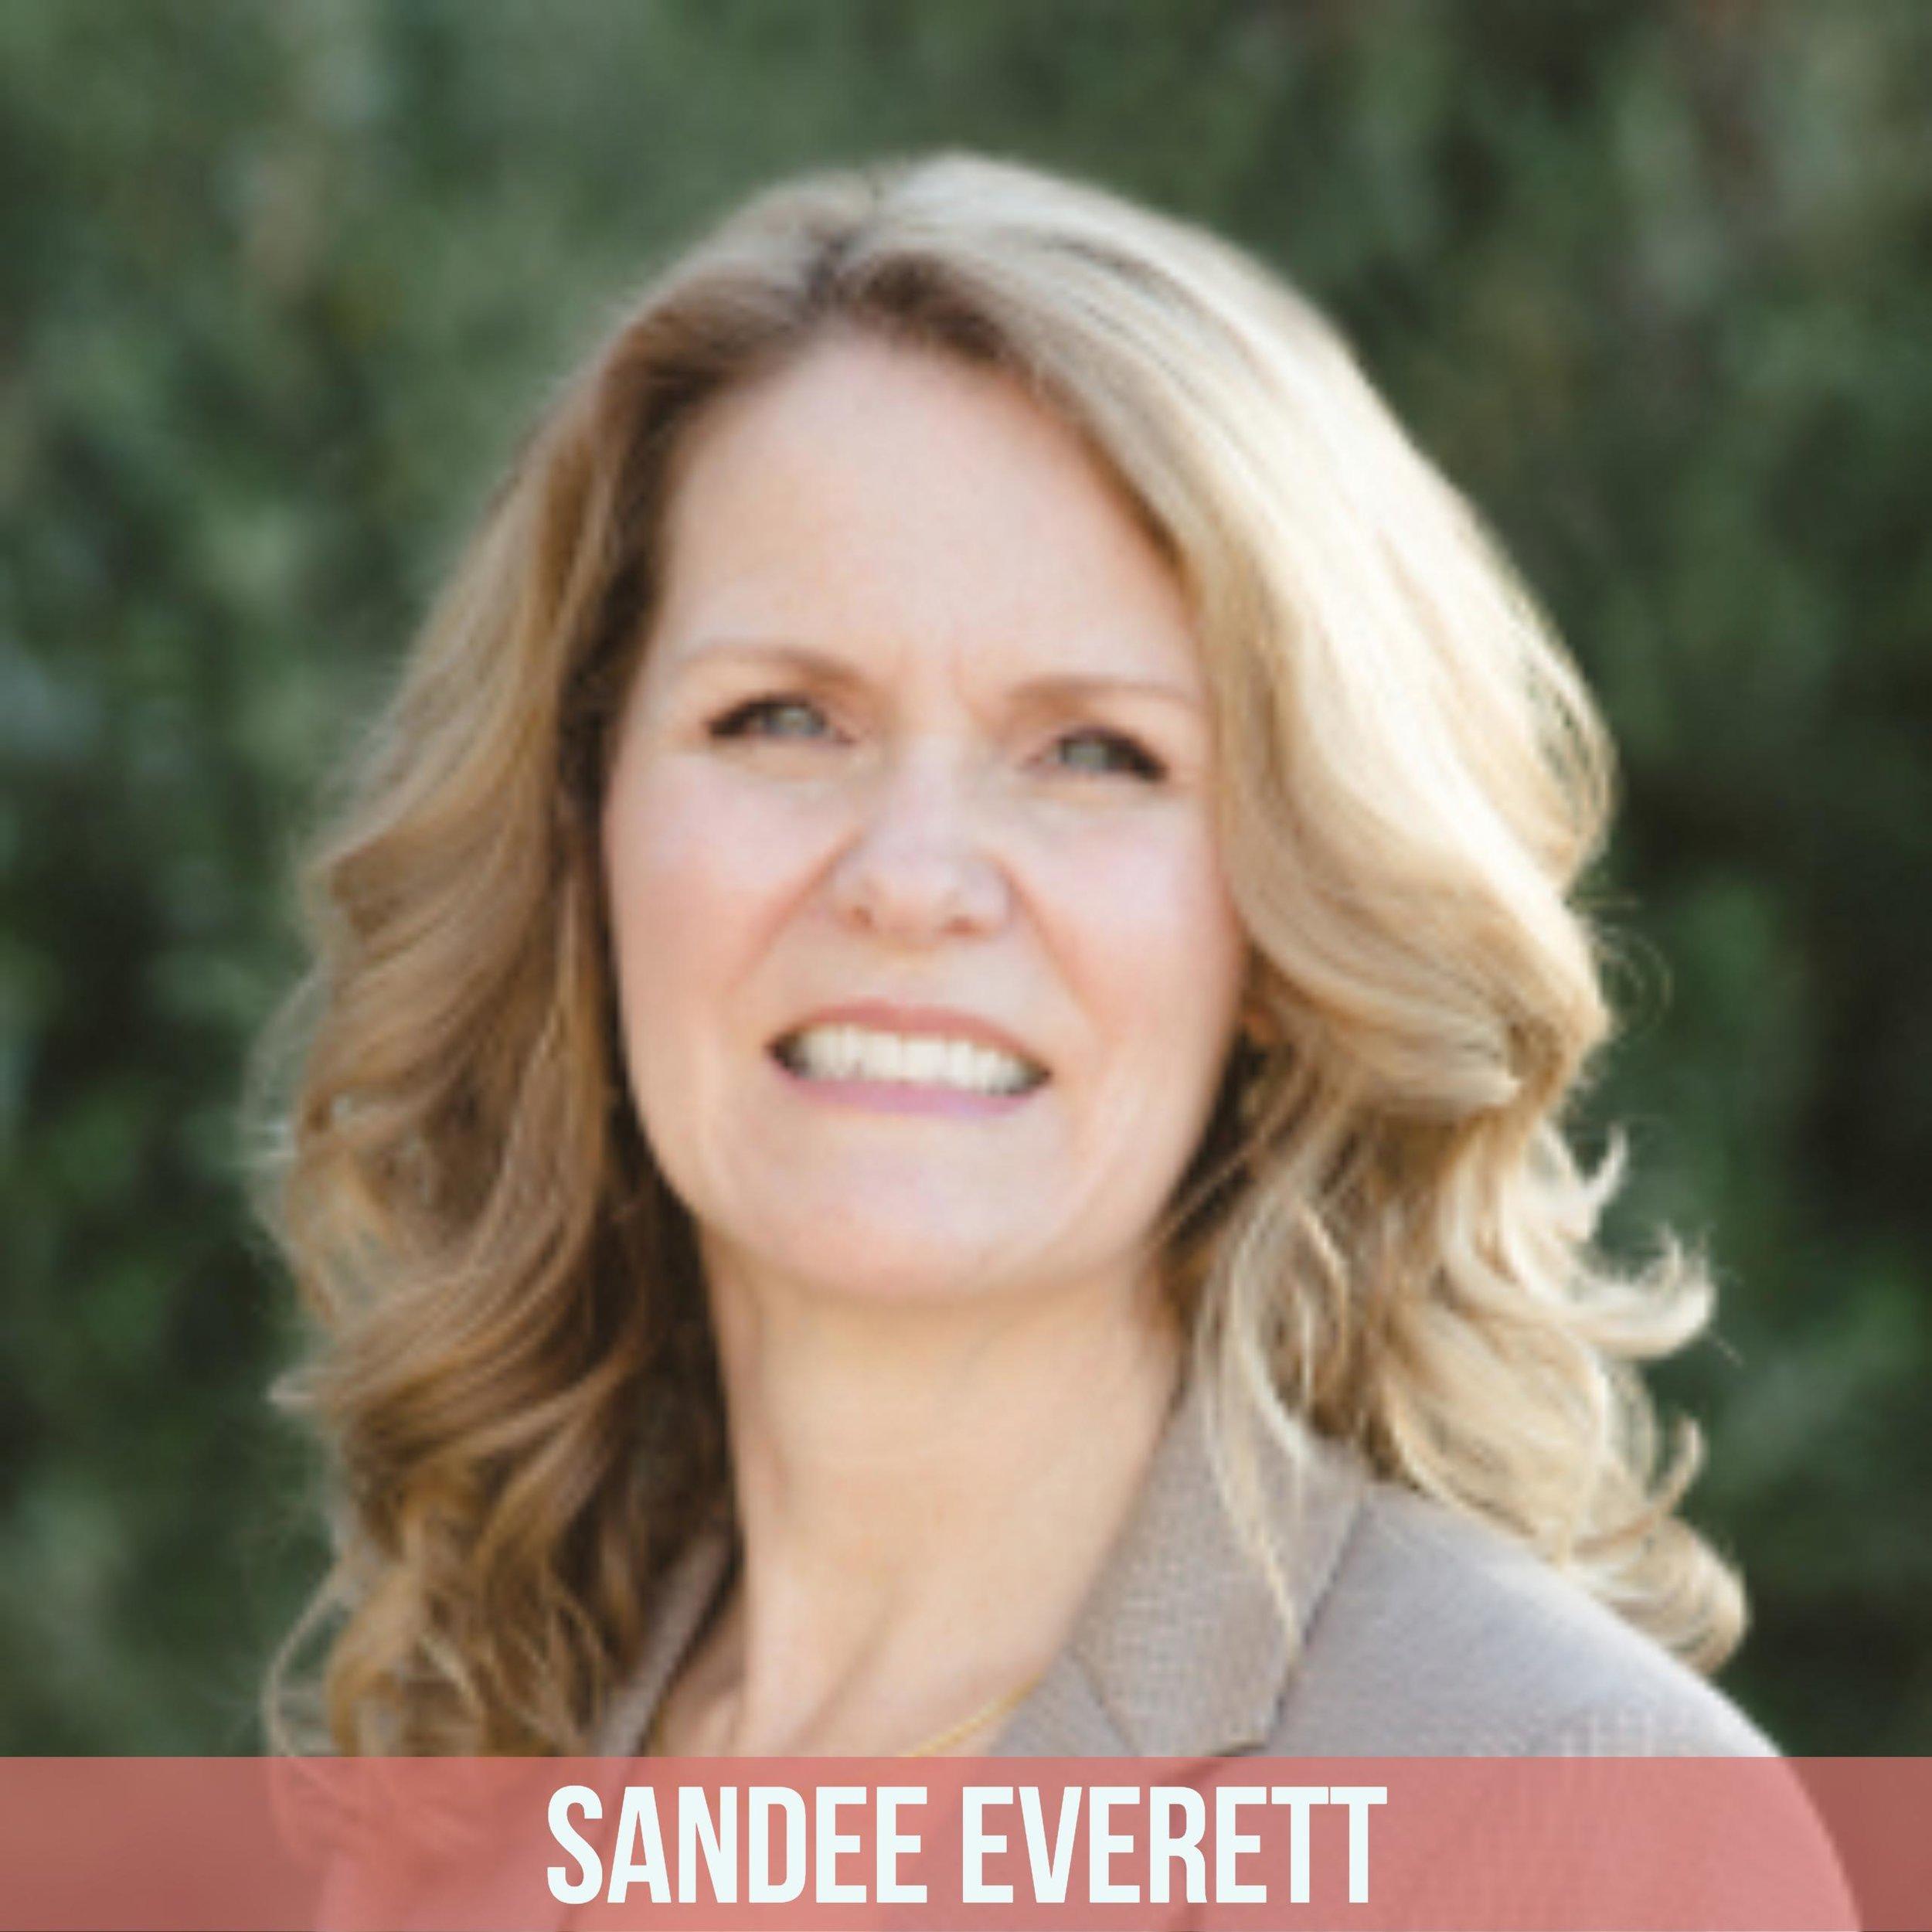 Sandee Everett  sandee.everett@gmail.com